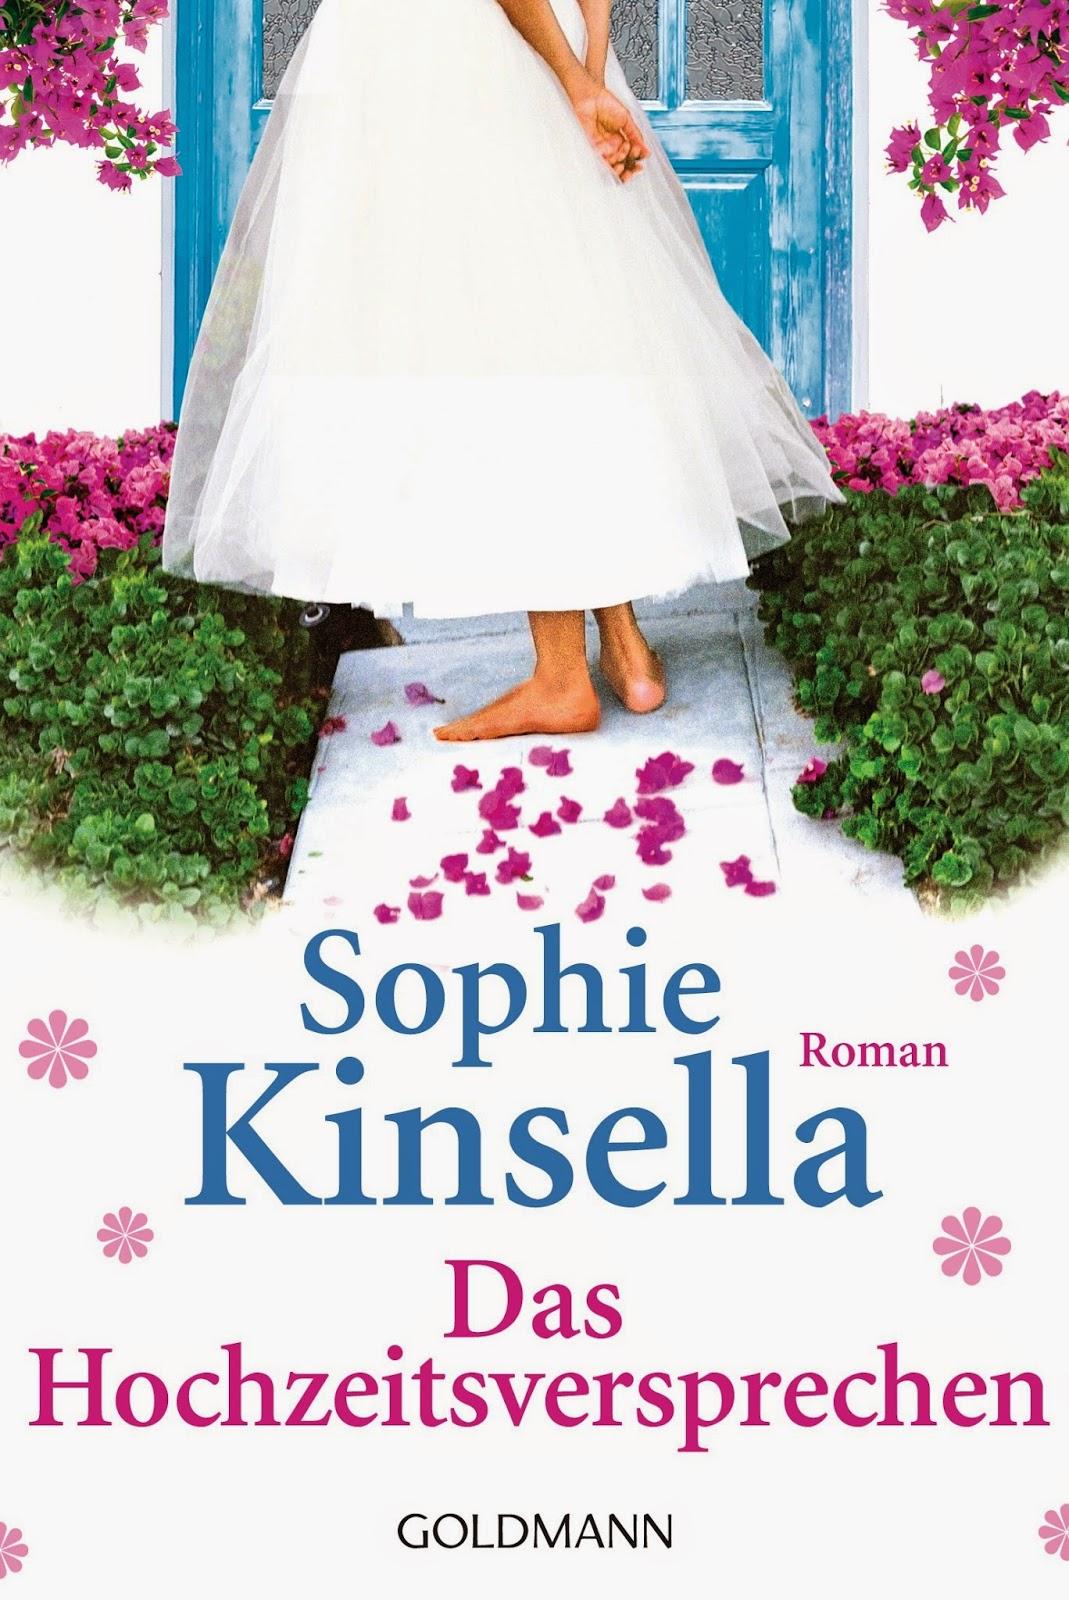 http://www.randomhouse.de/Presse/Taschenbuch/Das-Hochzeitsversprechen-Roman/Sophie-Kinsella/pr434285.rhd?pub=4000&men=783&mid=5